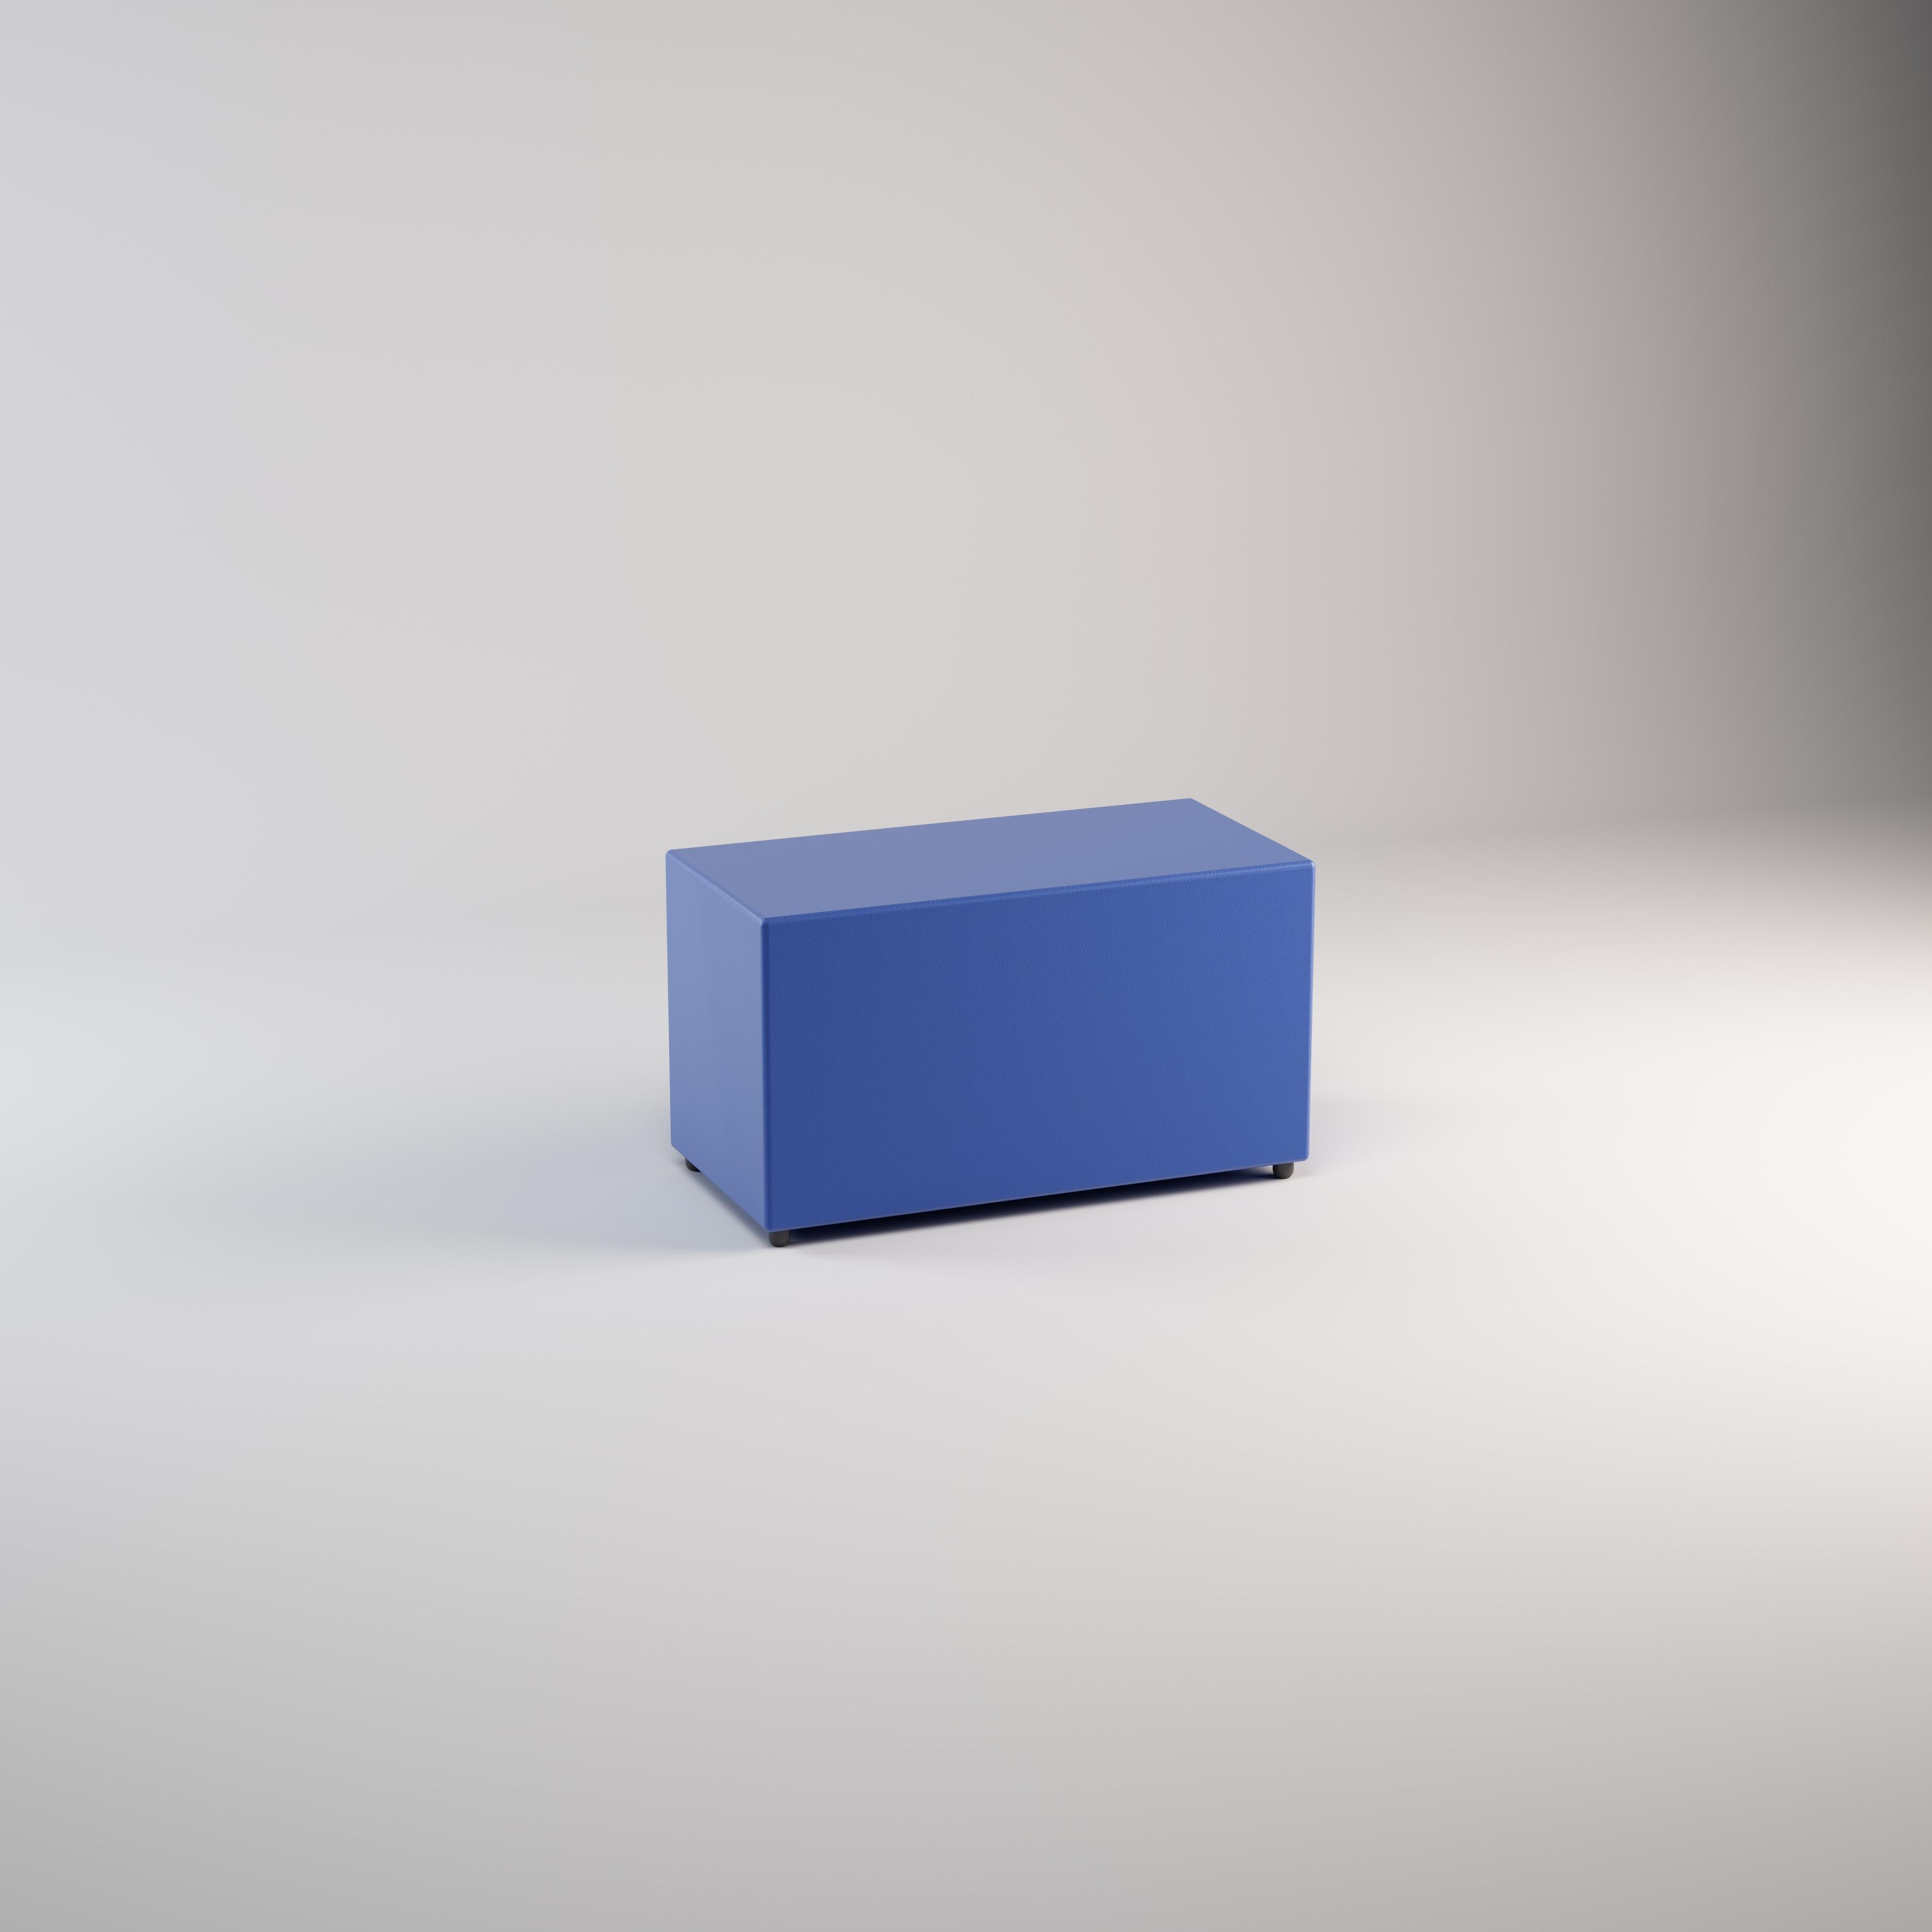 pouf80_01